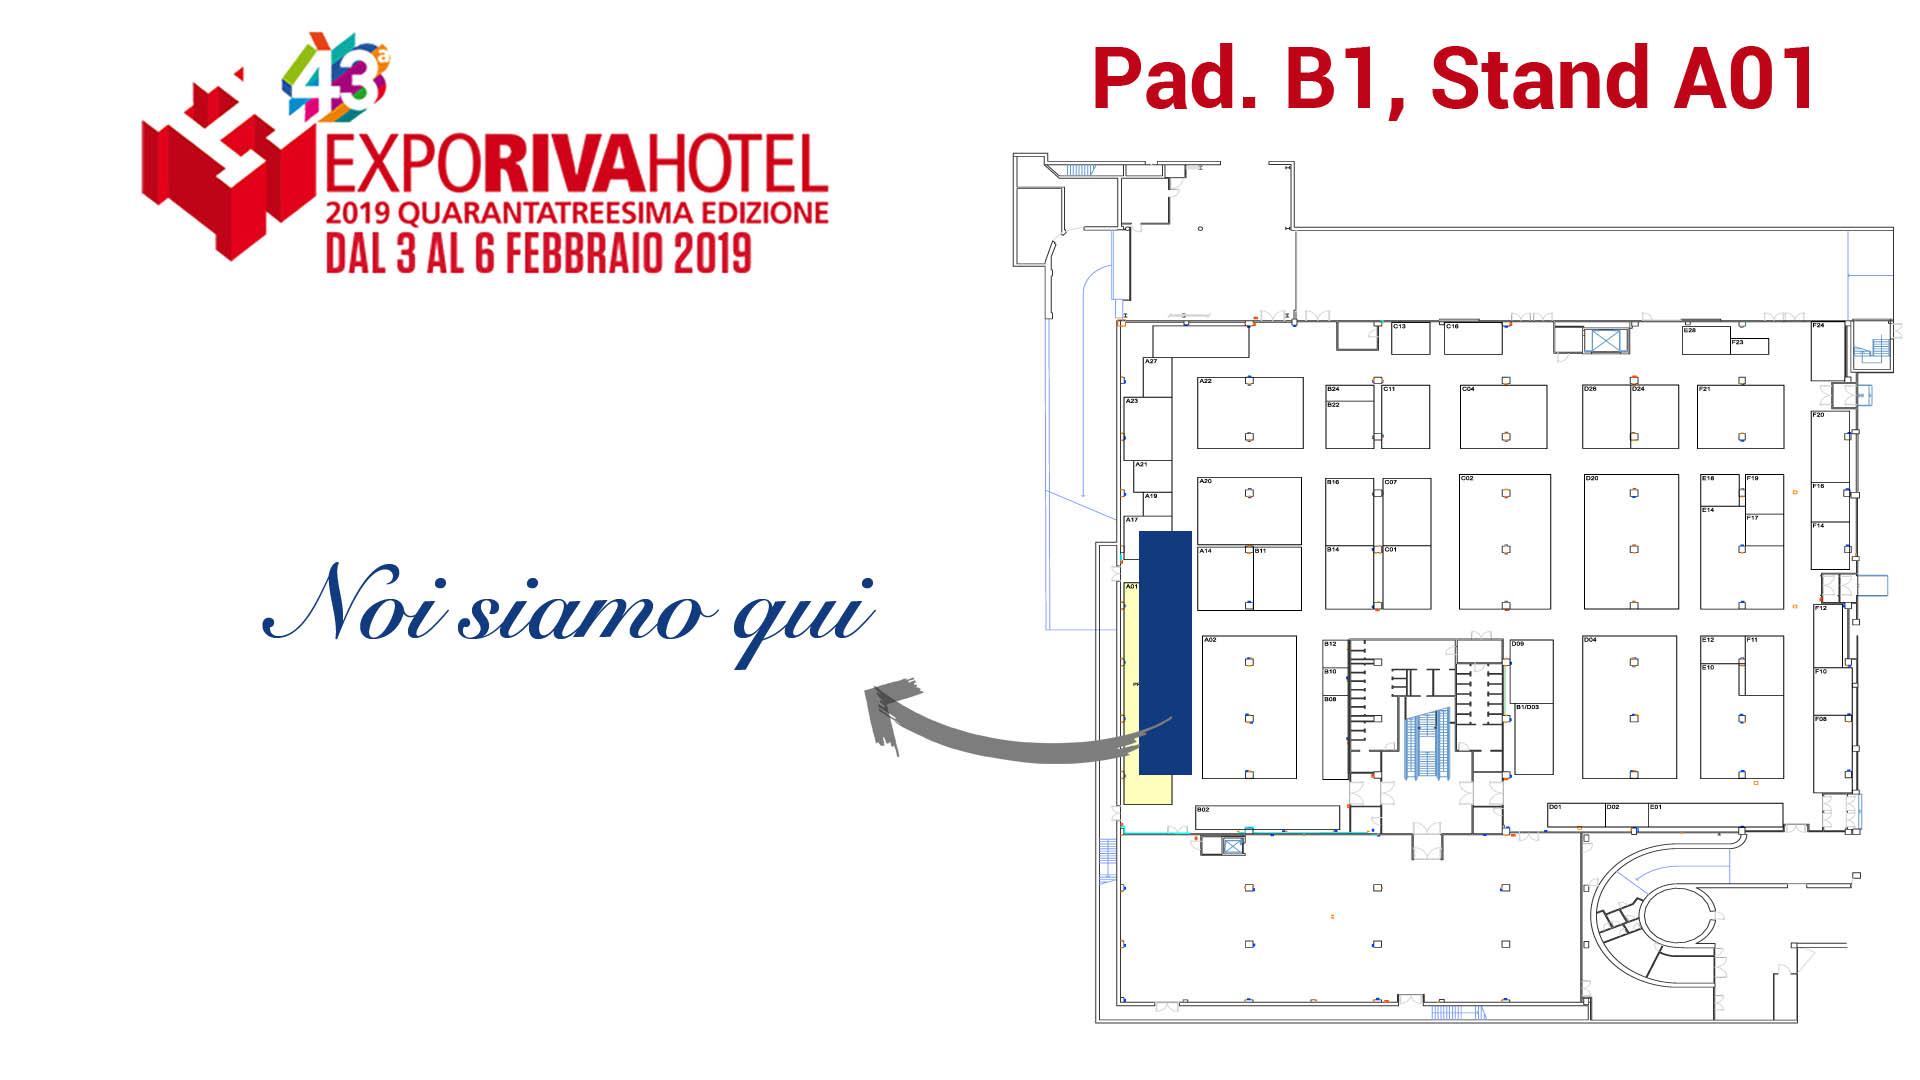 exporivahotel 2019 cartina